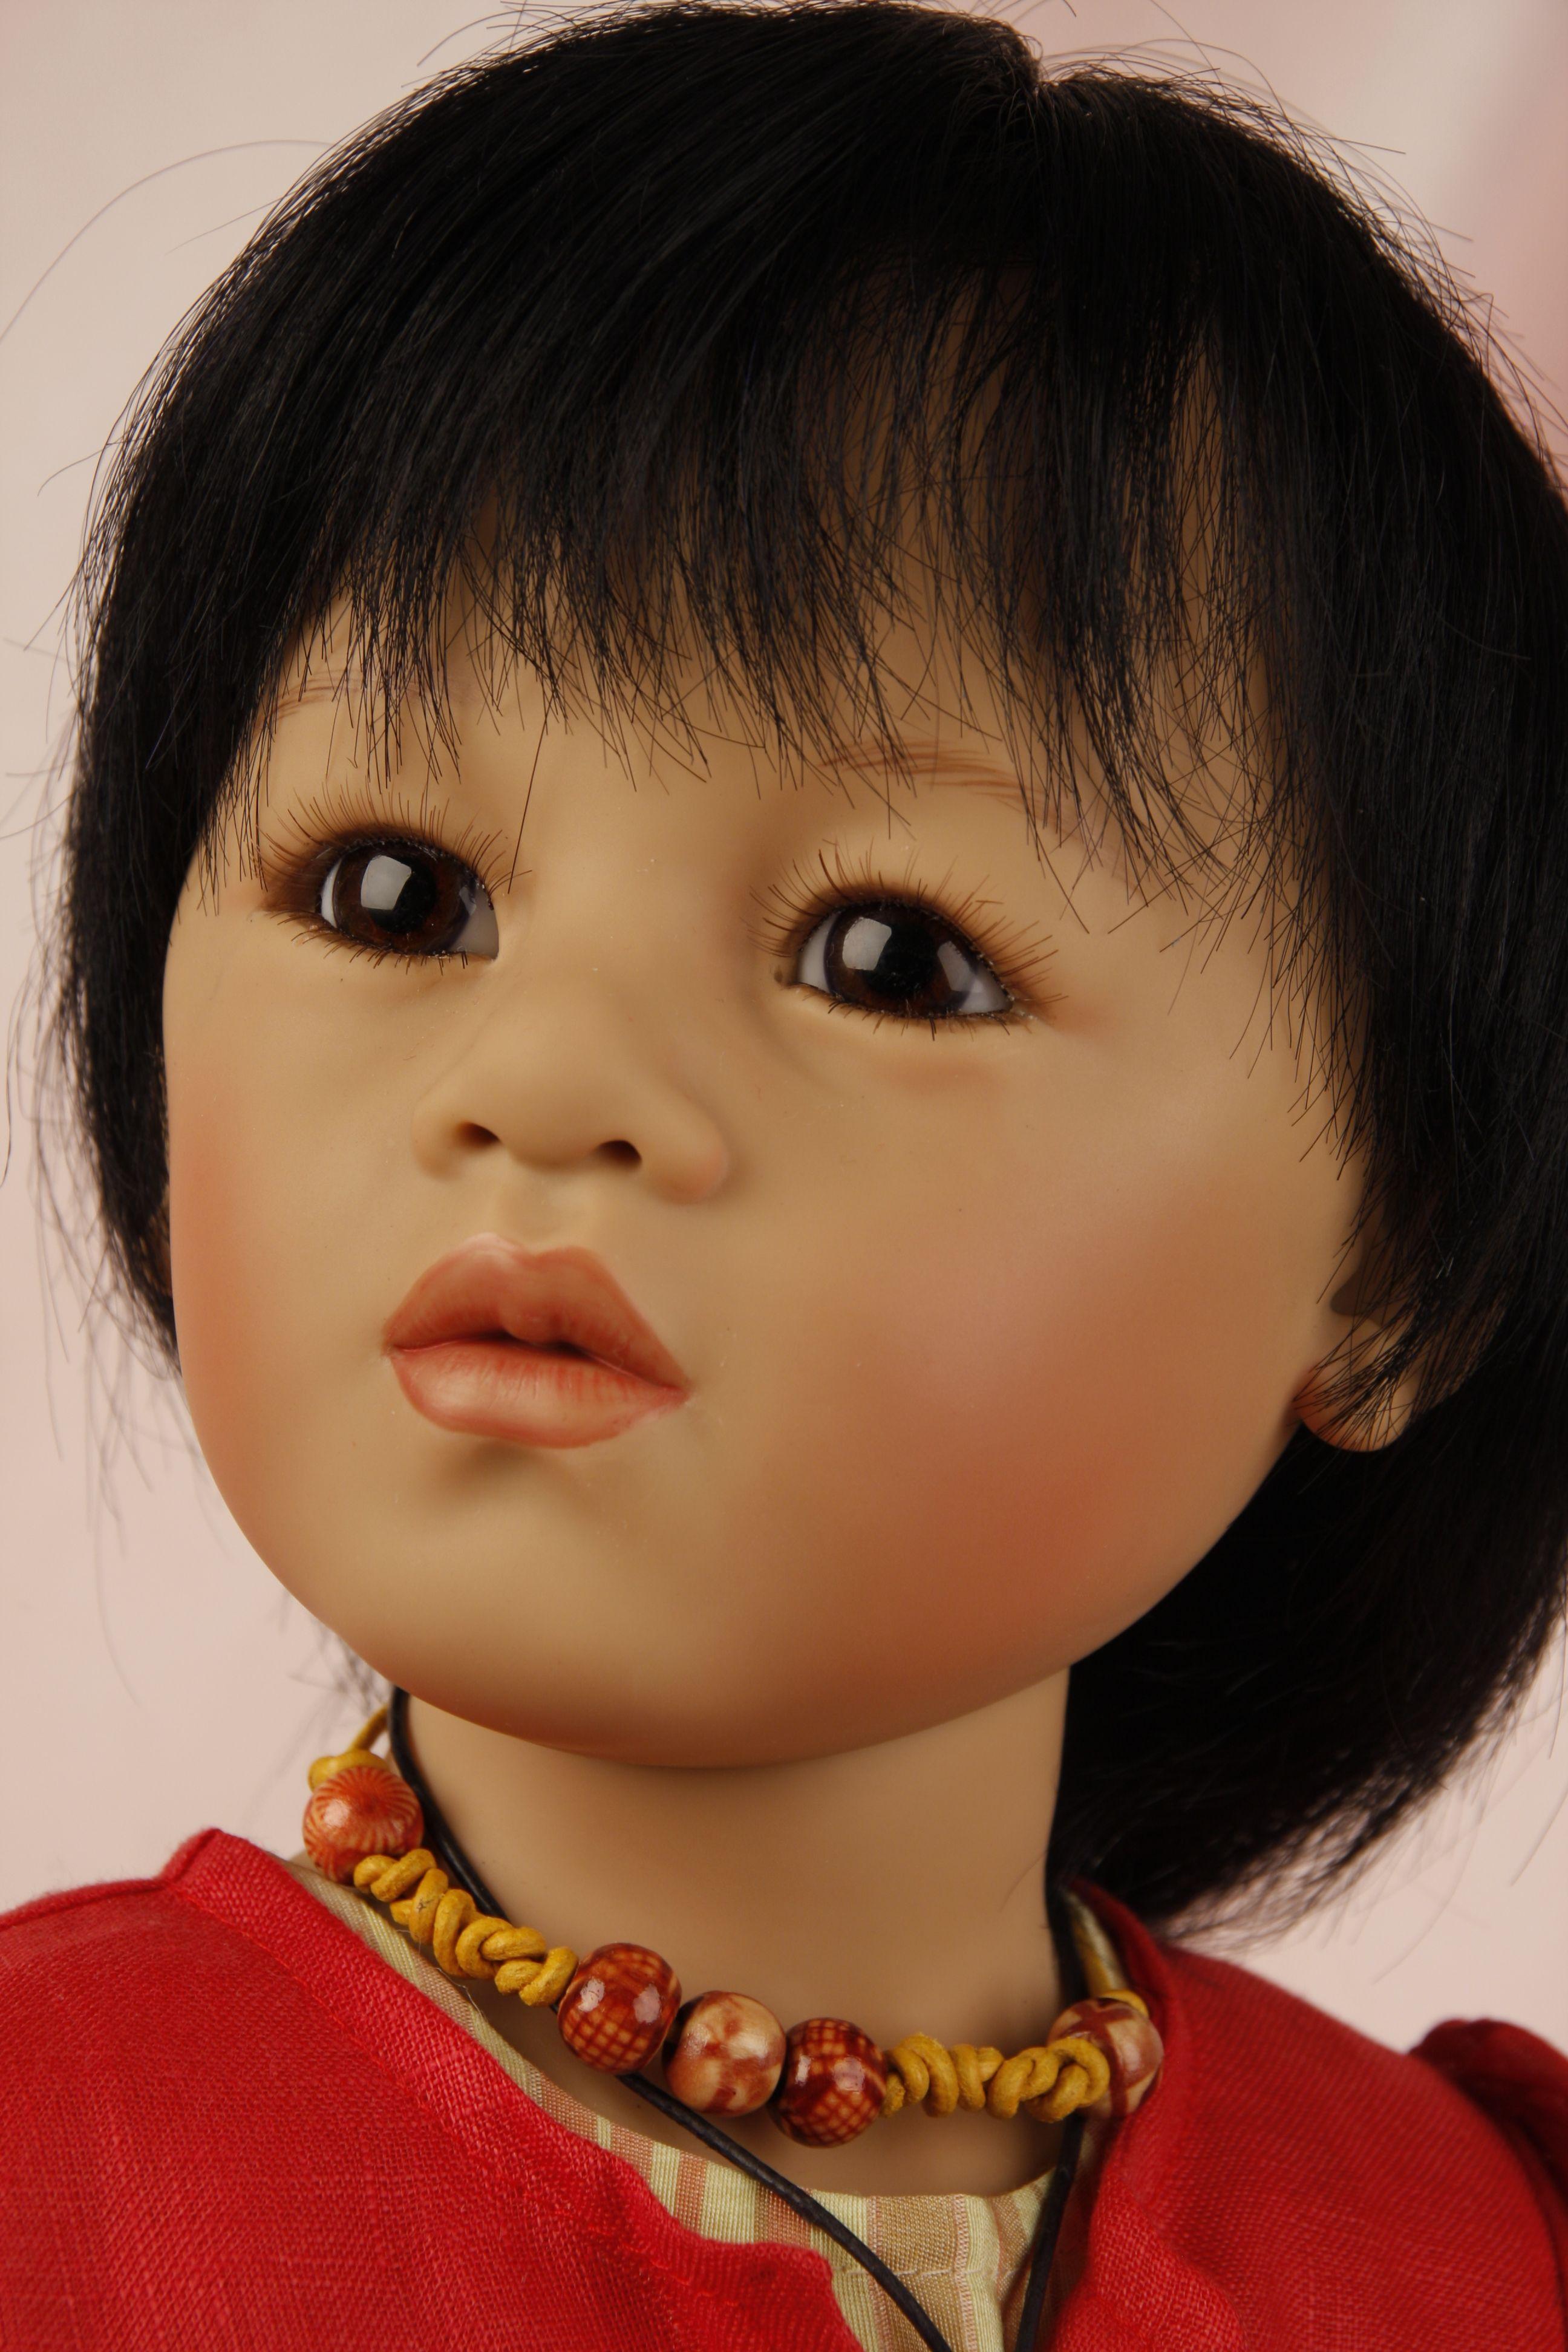 Sira, doll by Sieglinde Frieske